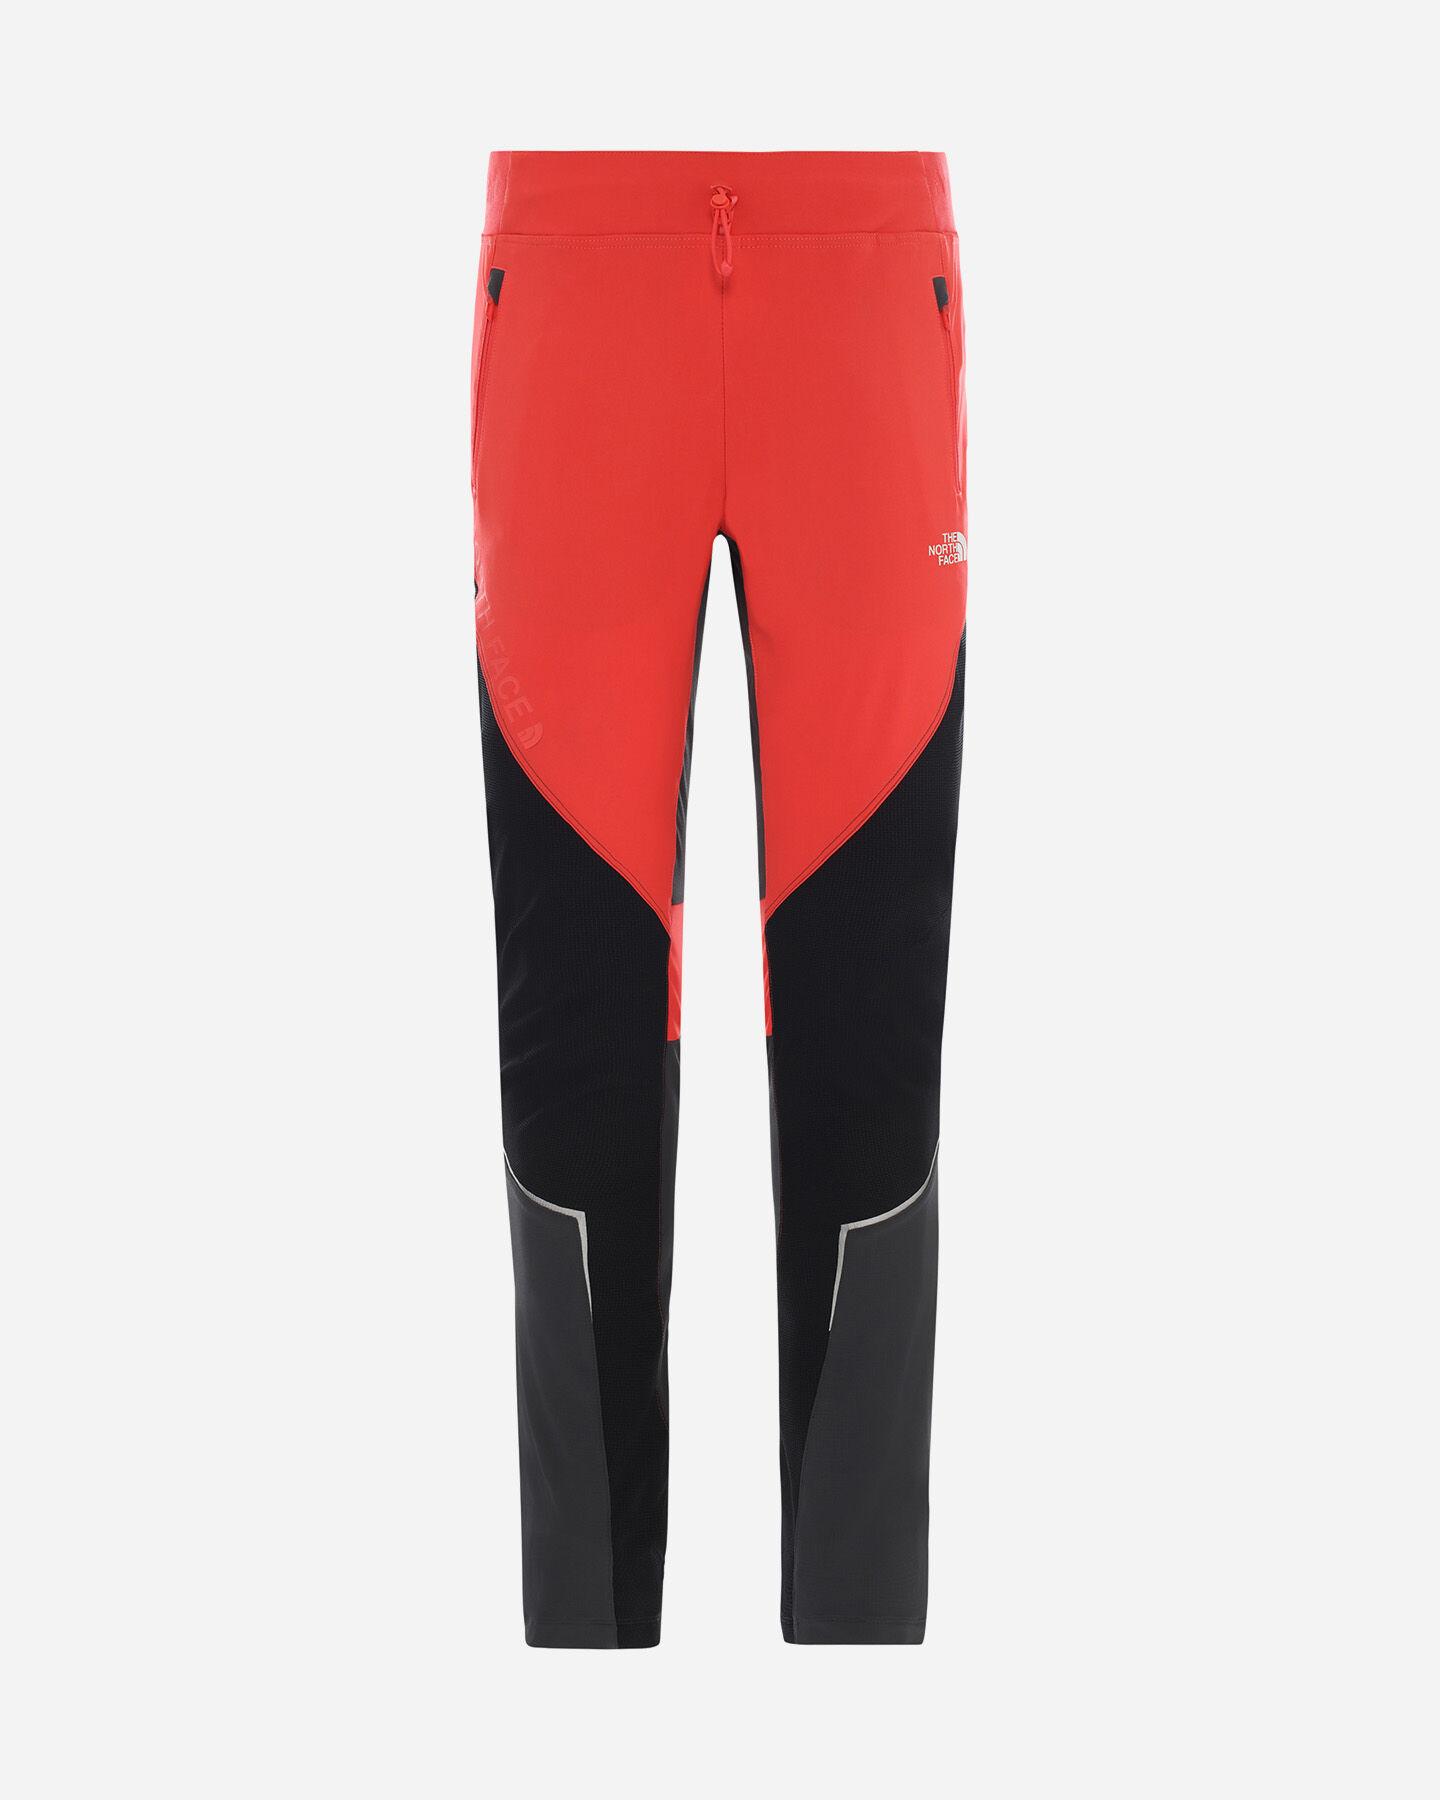 Pantalone outdoor THE NORTH FACE IMPENDOR ALPINE W S5192894 scatto 0